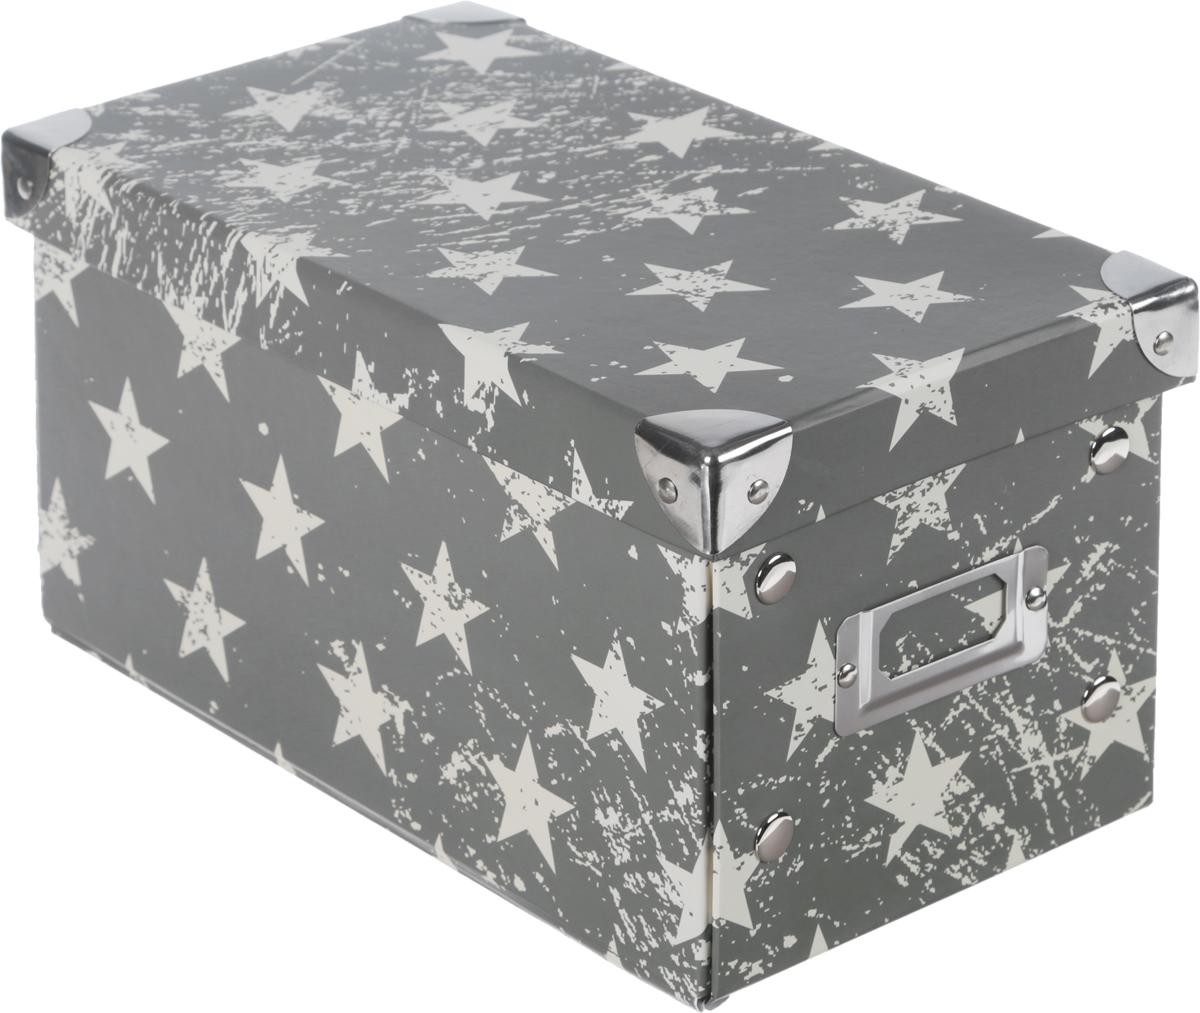 Коробка для хранения, складная, цвет: хаки, бежевый, 15,5 х 27 х 374-0120Коробкадля хранения изготовлена из высококачественного плотного картонаи оформлена оригинальным принтом. Она предназначена для хранения различных мелочей. Изделие легко собирается с помощью металлических креплений и не занимает много места. Такая коробка для хранения идеальное решение для аккуратного хранения различных ниток, канцелярских товаров.Размер коробки (в собранном виде): 15,5 х 27 х 3 см.